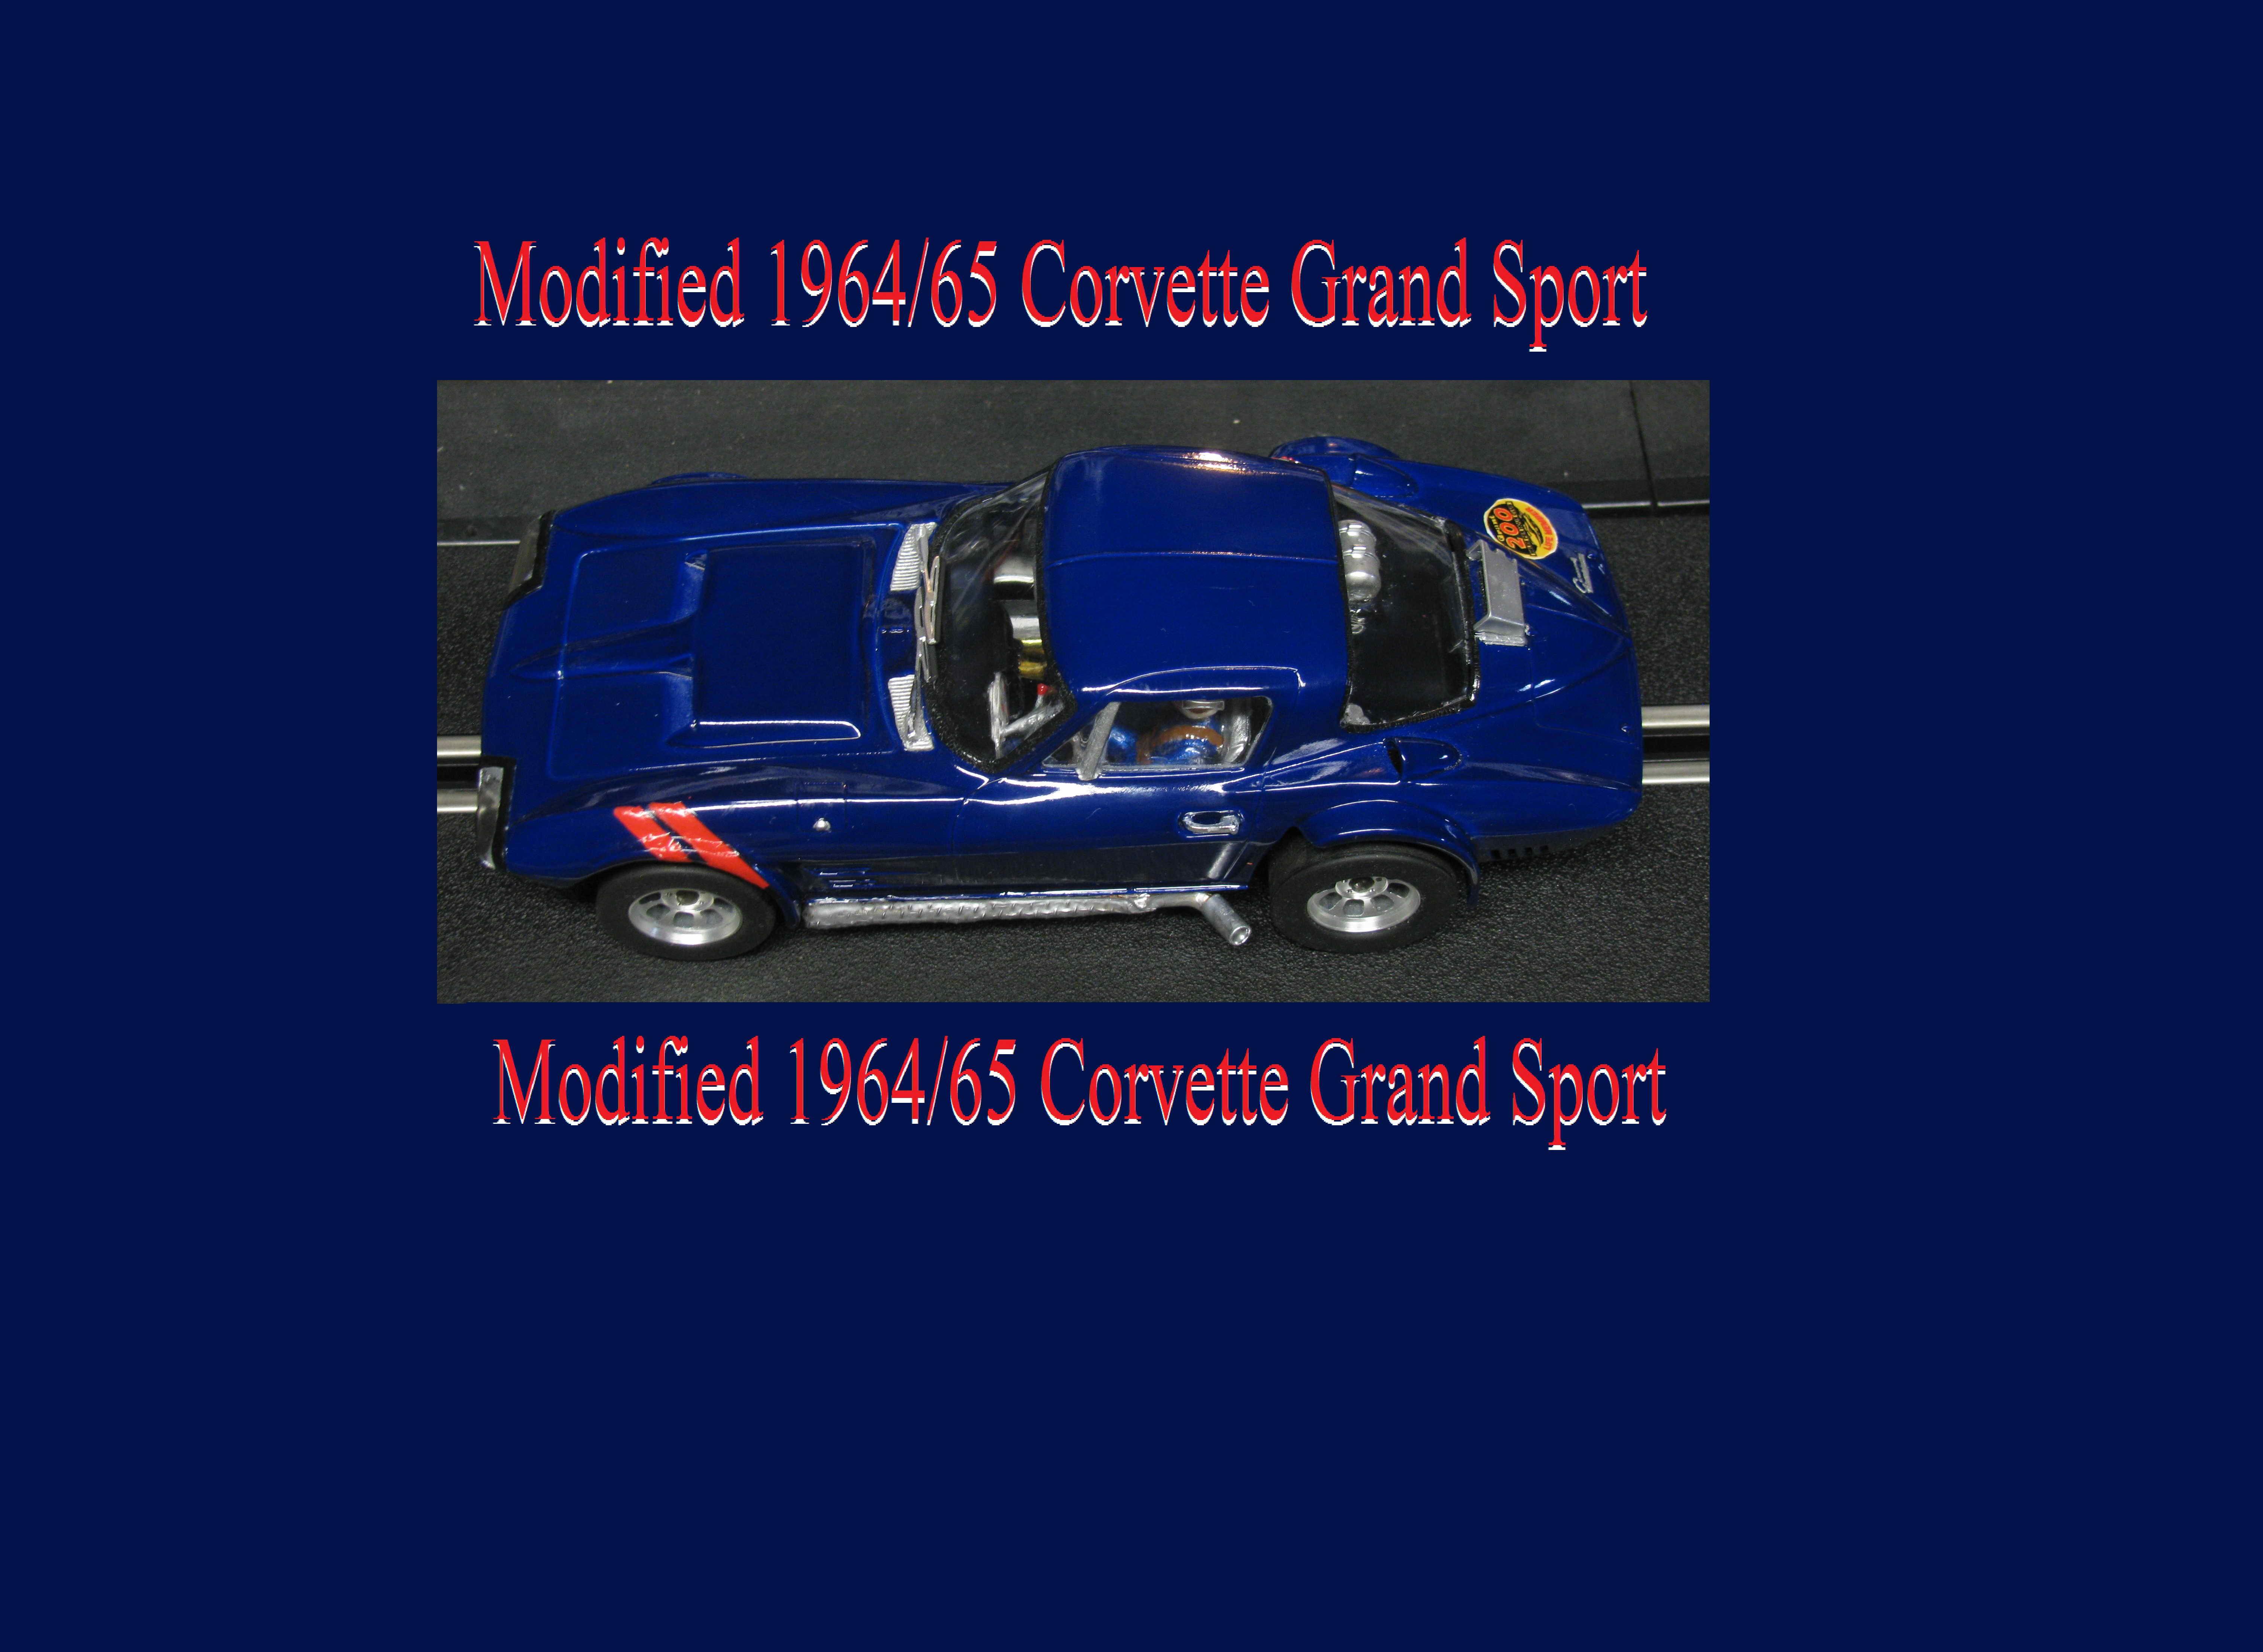 *SALE, Normally $309 SAVE $100* Vintage 1964/65 Corvette Grand Sport slot car Bridgehampton Blue Poly 1/24 scale